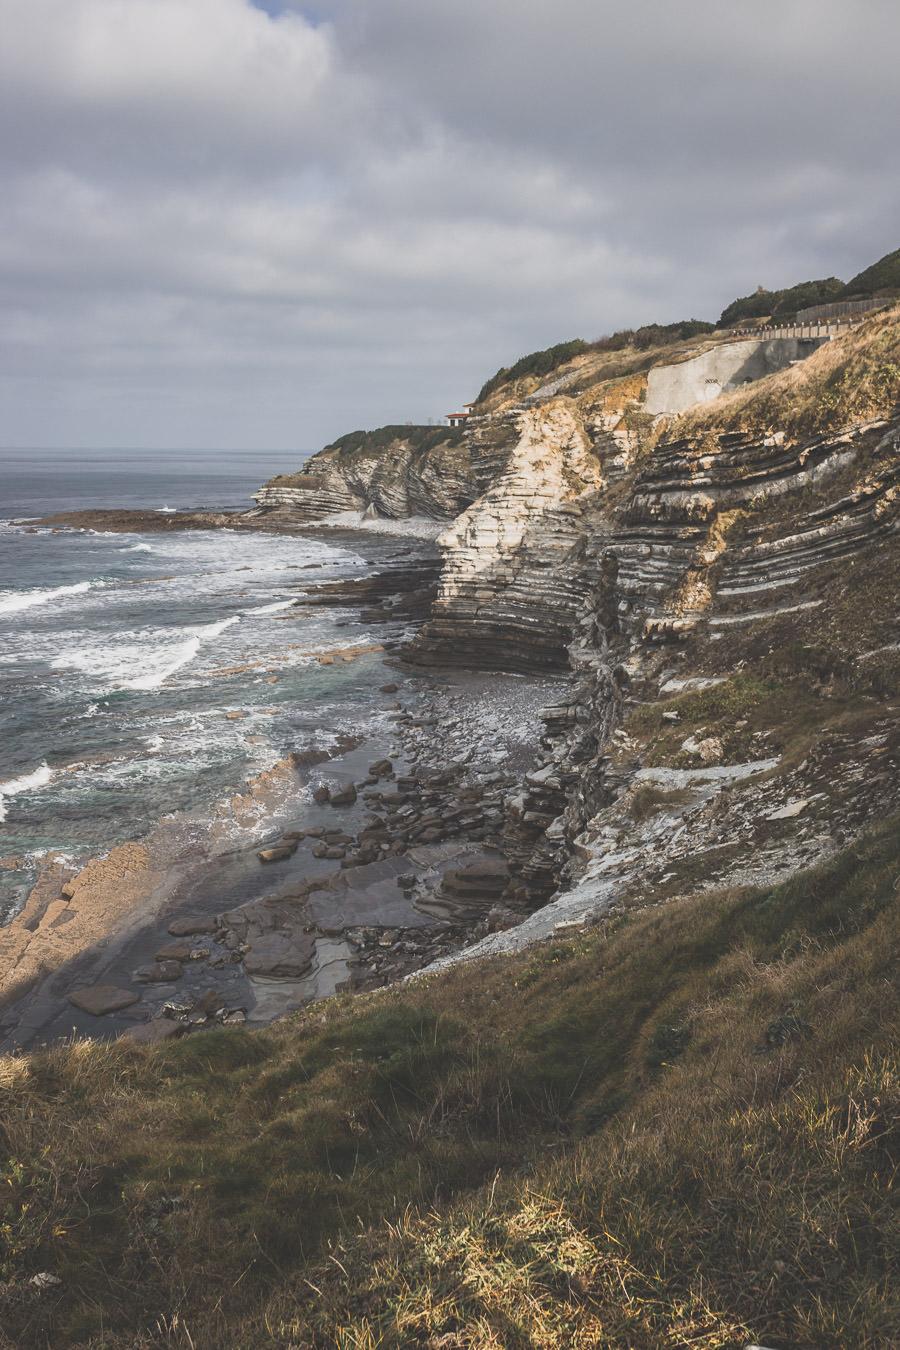 Un week-end sur la côte basque : itinéraire touristique